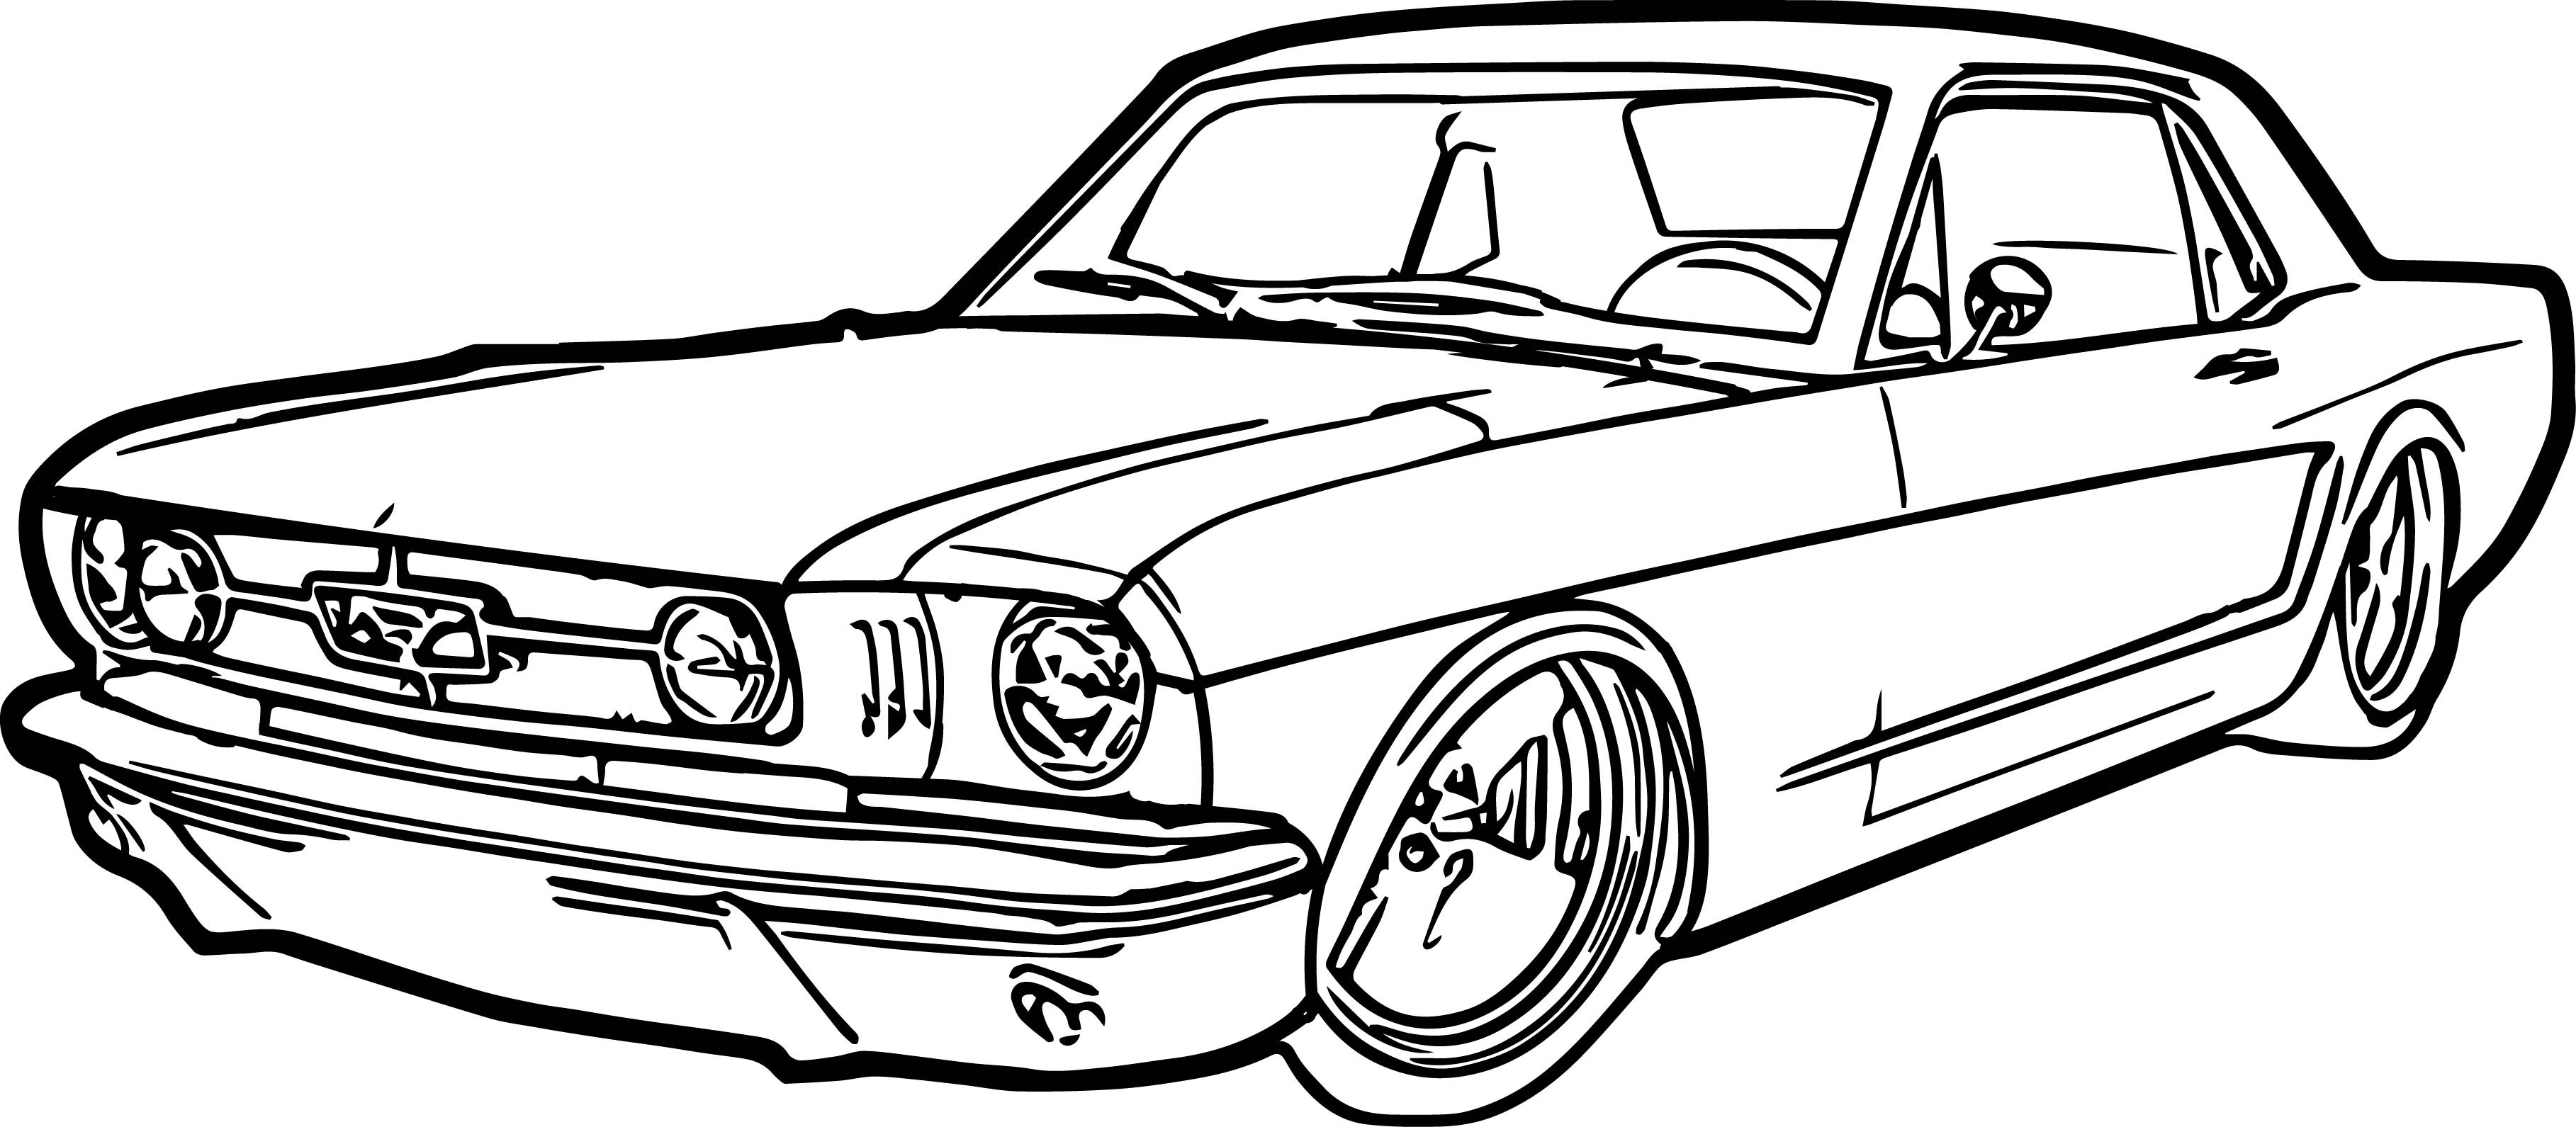 Vintage Car Line Drawings